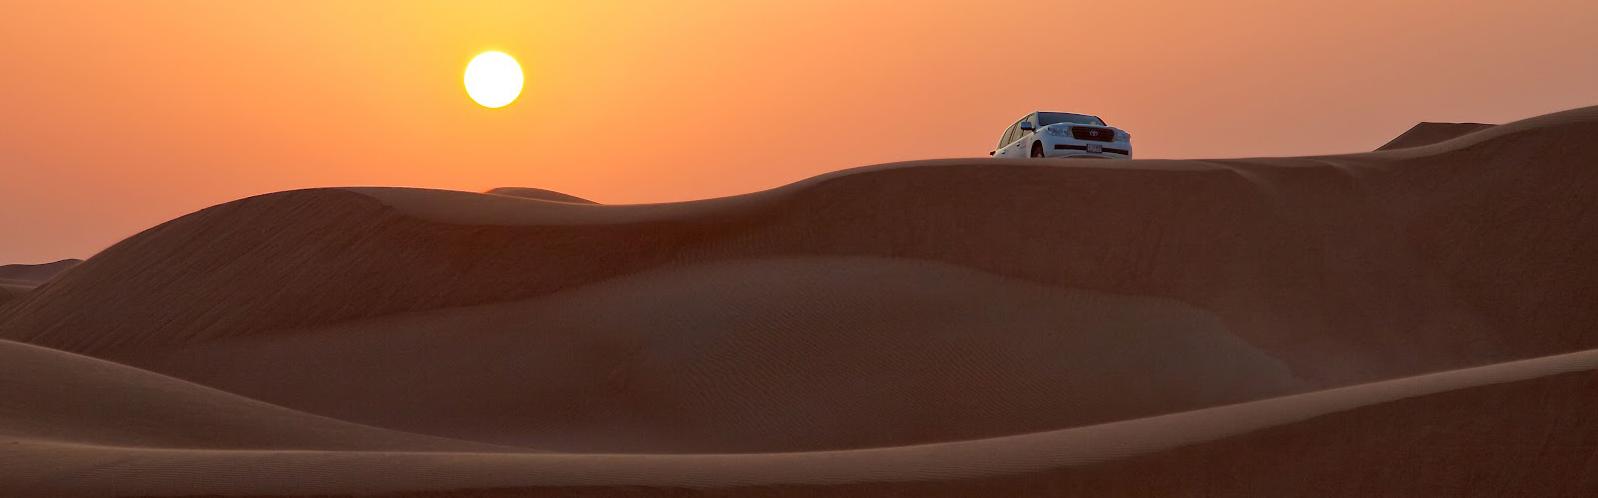 Dubai - výlety - desert safari